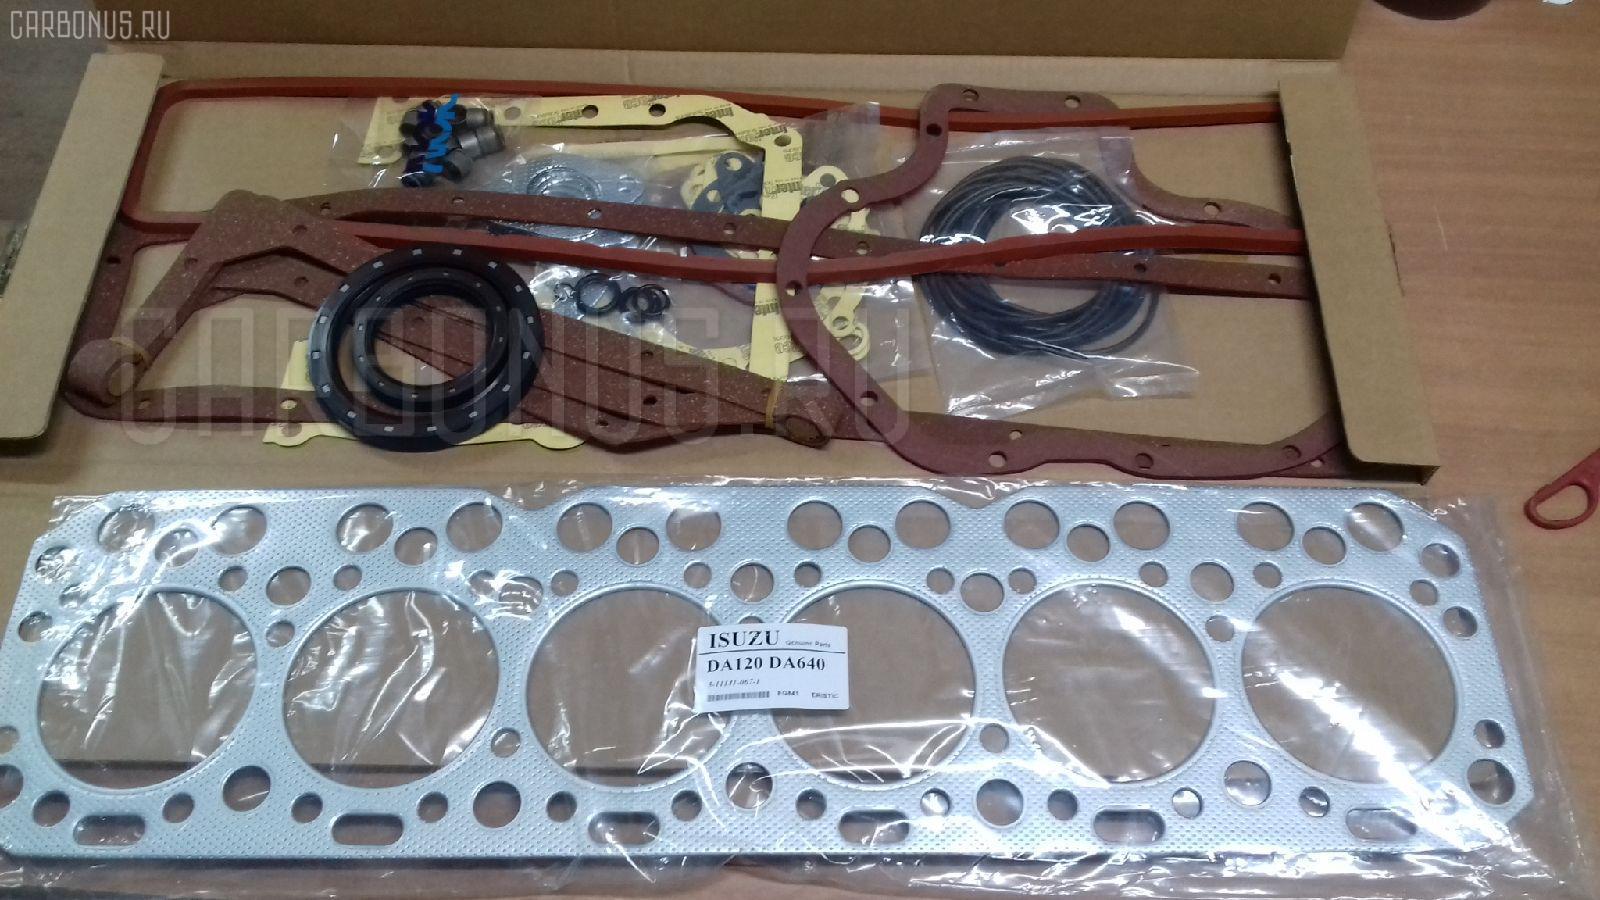 Ремкомплект ДВС ISUZU DA640 DA640 Фото 3